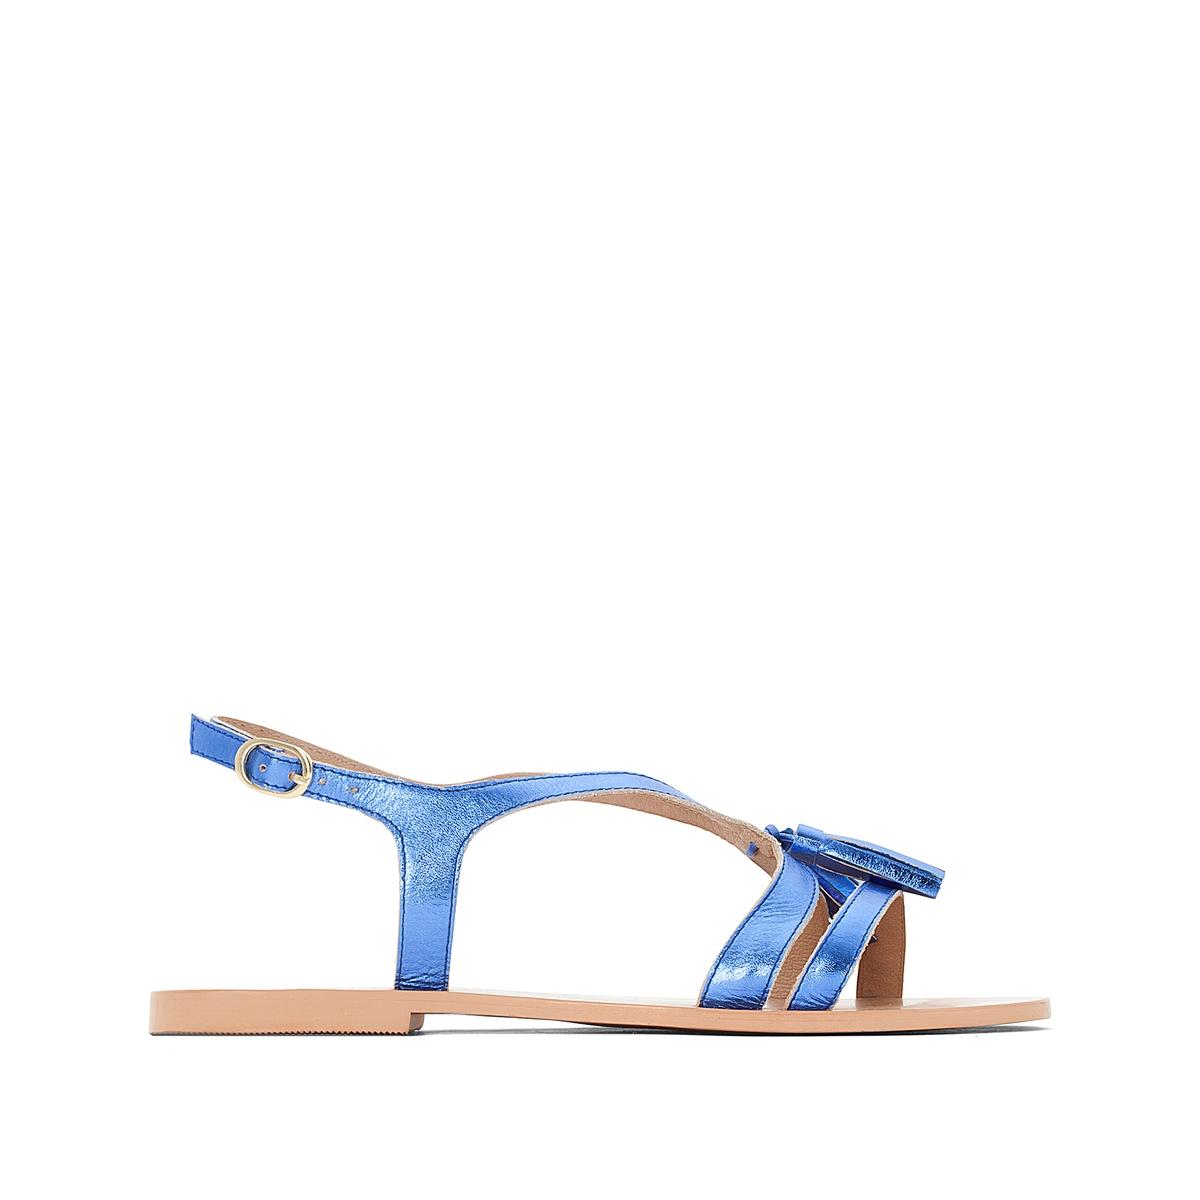 Босоножки кожаные с кисточками на плоском каблукеВерх : кожа         Подкладка : кожа         Стелька : кожа         Подошва : Эластомер         Высота каблука : плоский         Форма каблука : плоский         Мысок : открытый         Застежка : ремешок с пряжкой<br><br>Цвет: красный,синий<br>Размер: 40.41